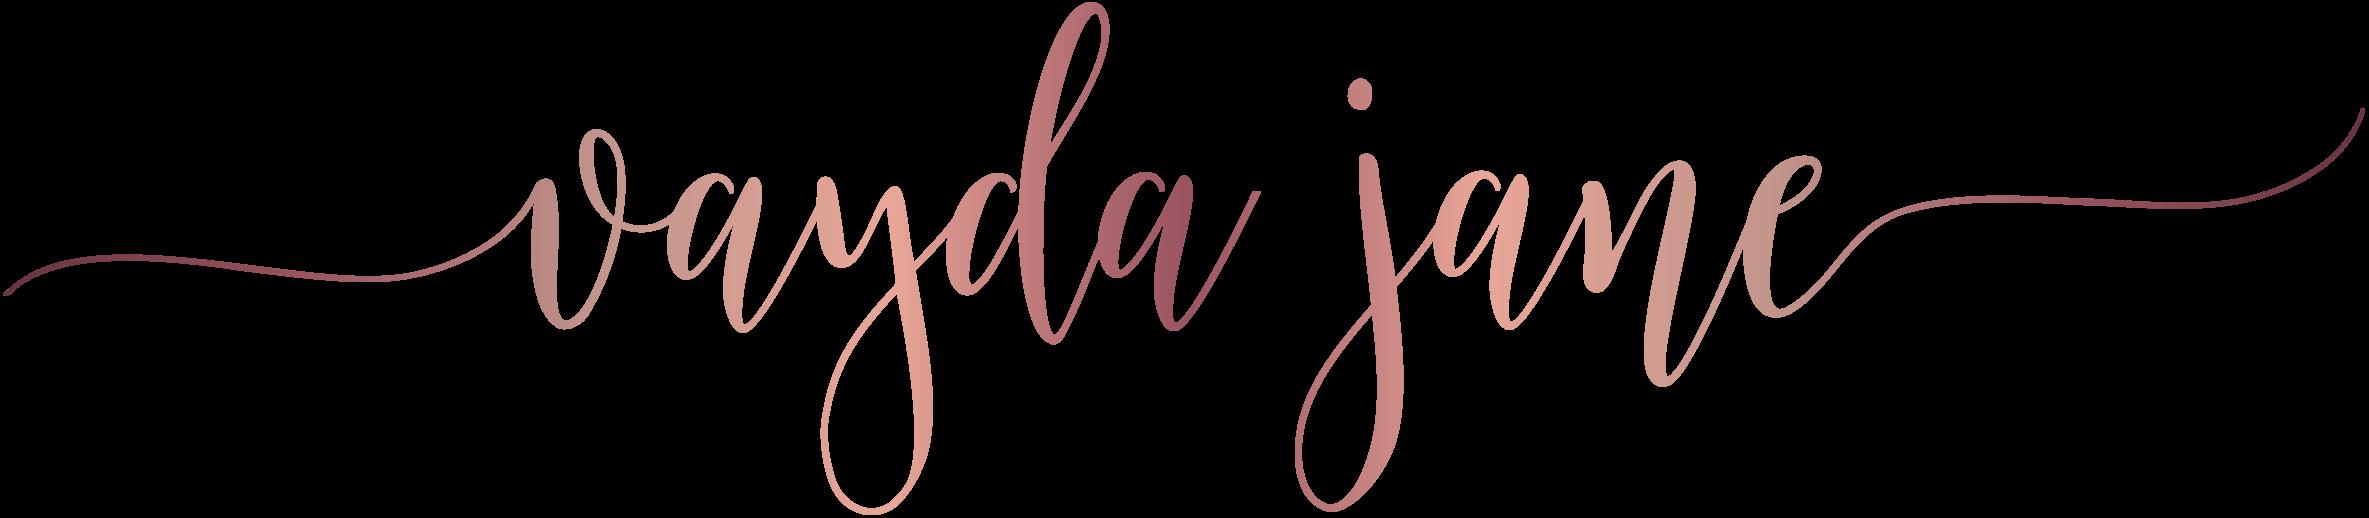 Vayda Jane logo